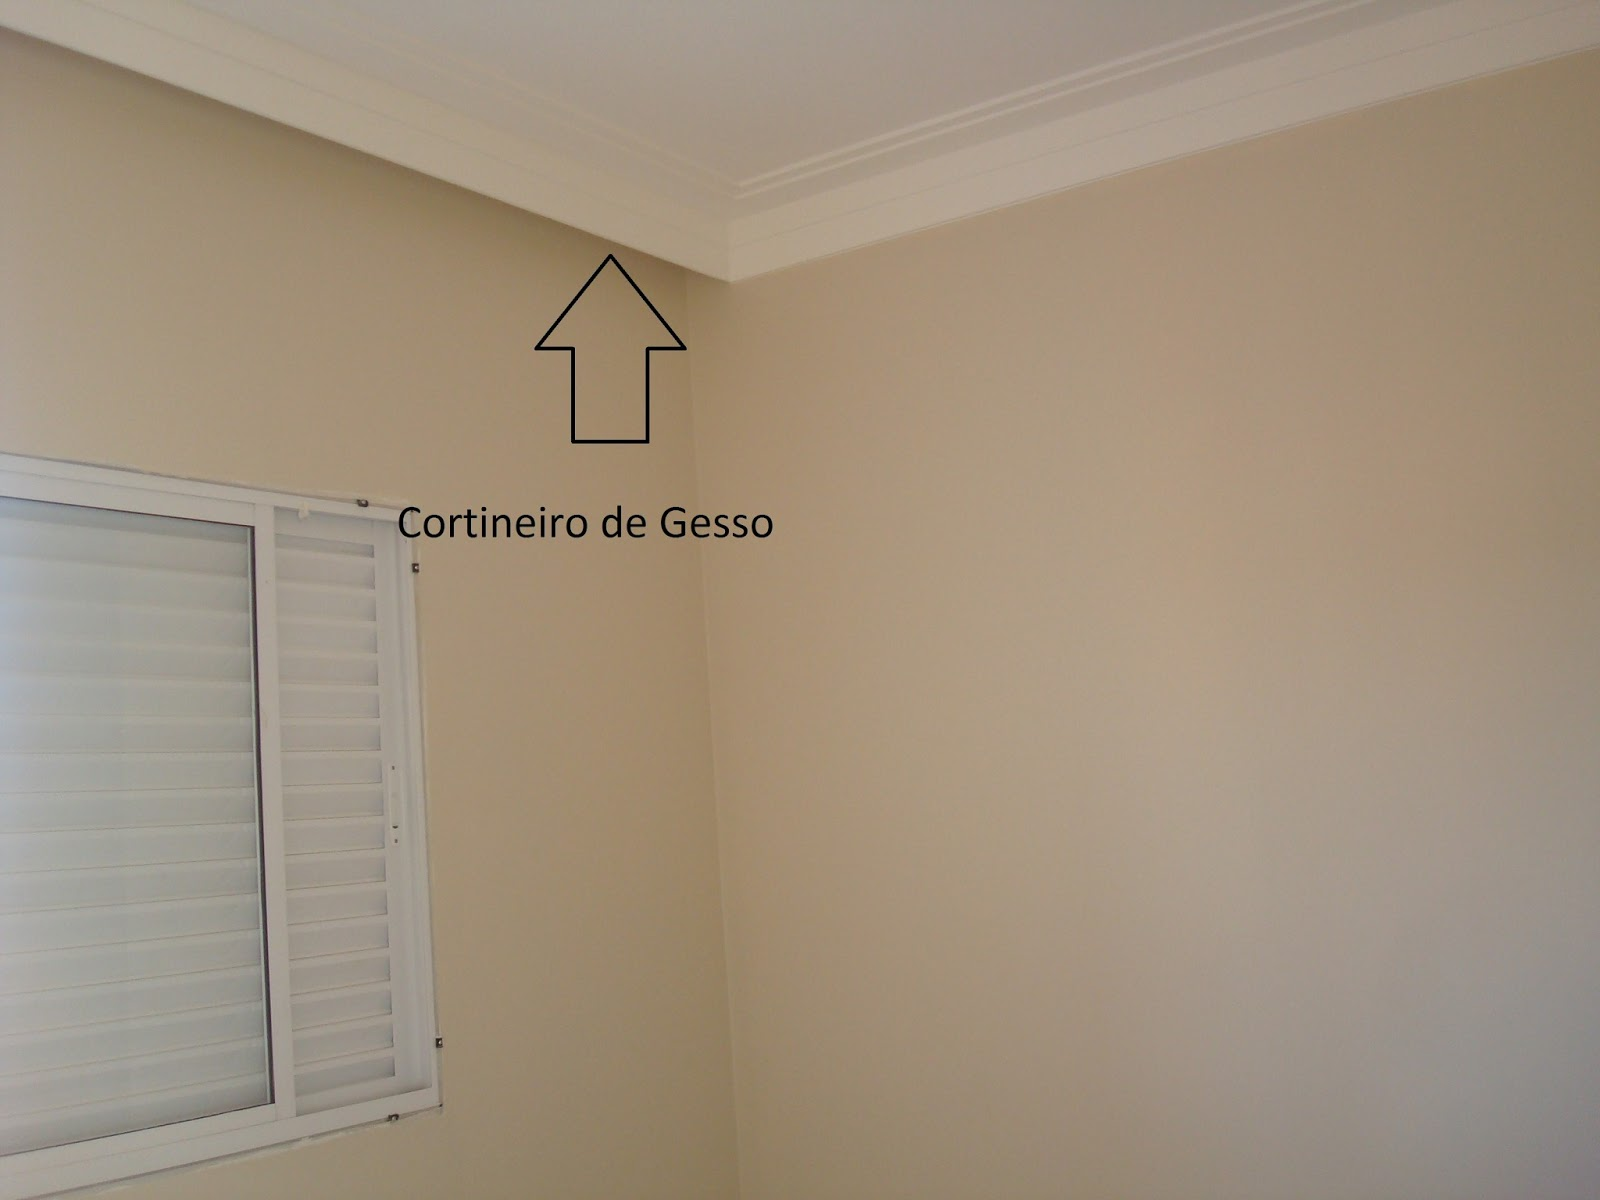 No meu quarto não entra nada de luz a cortina vai do teto ao solo e  #7D694E 1600 1200